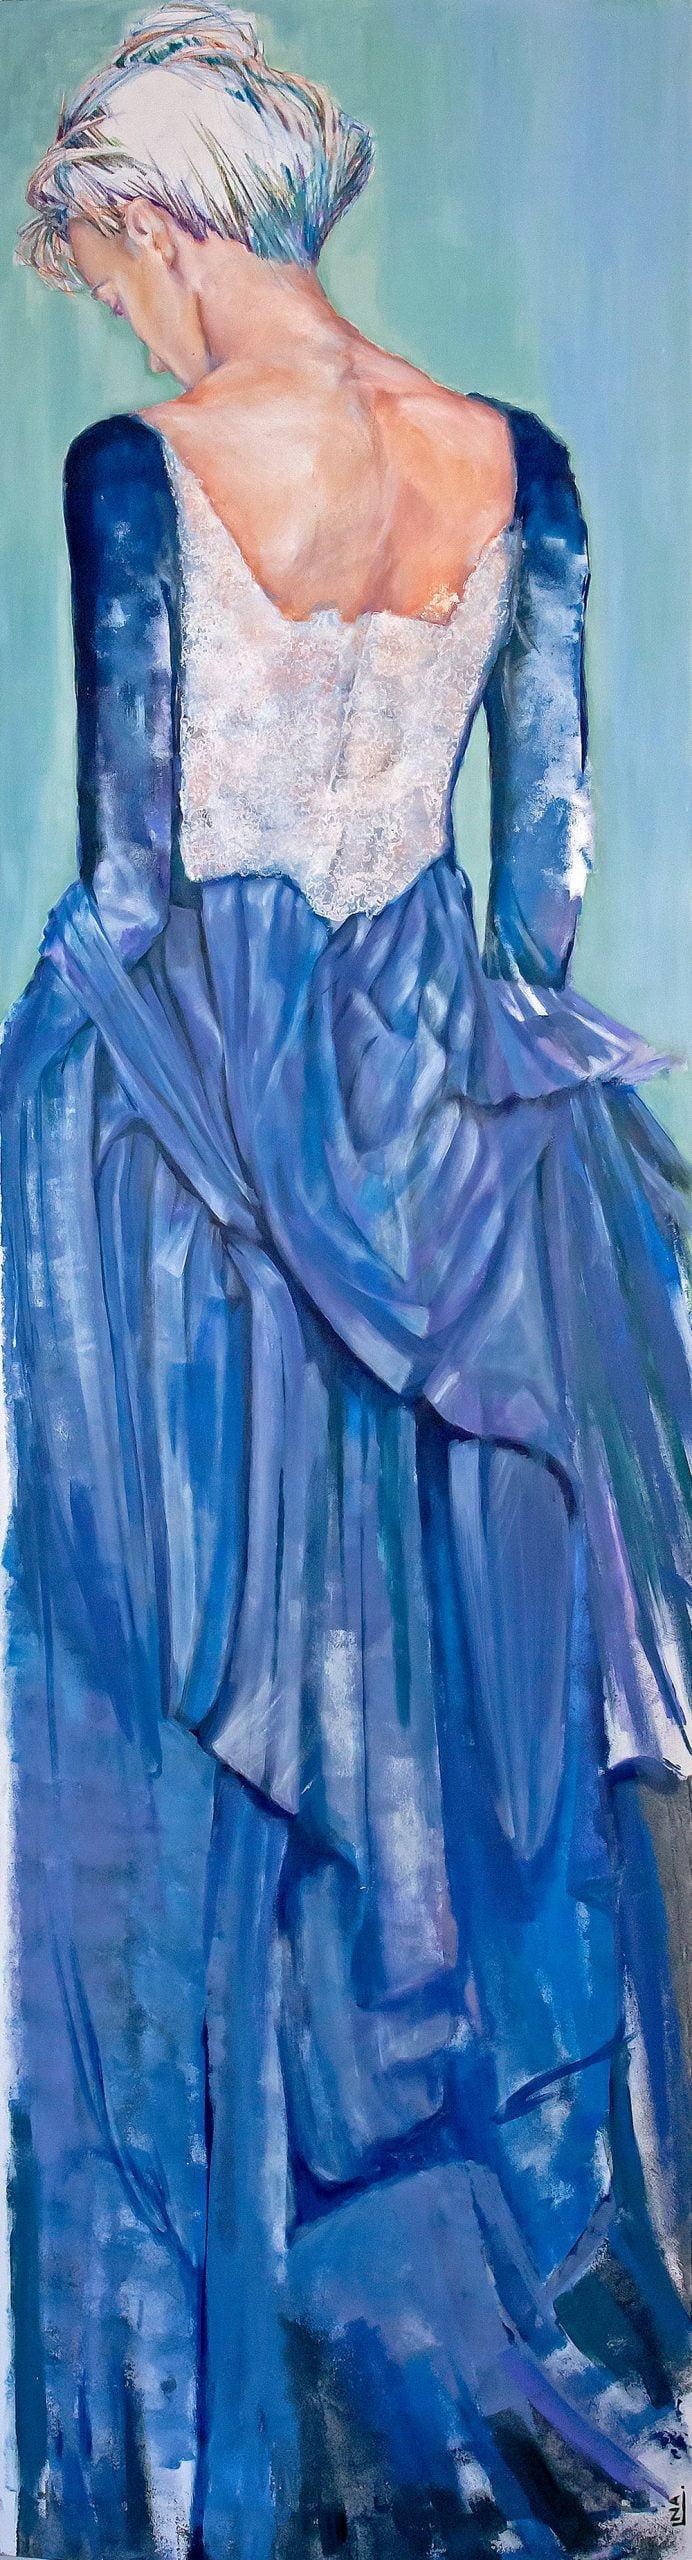 Nanou Autin, Peinture, Olympia, Acrylique, pastels, crayon sur toile marouflée, support bois cintré (piétement tubulaire acier ou platine accroche murale), 60×220 cm – 2016